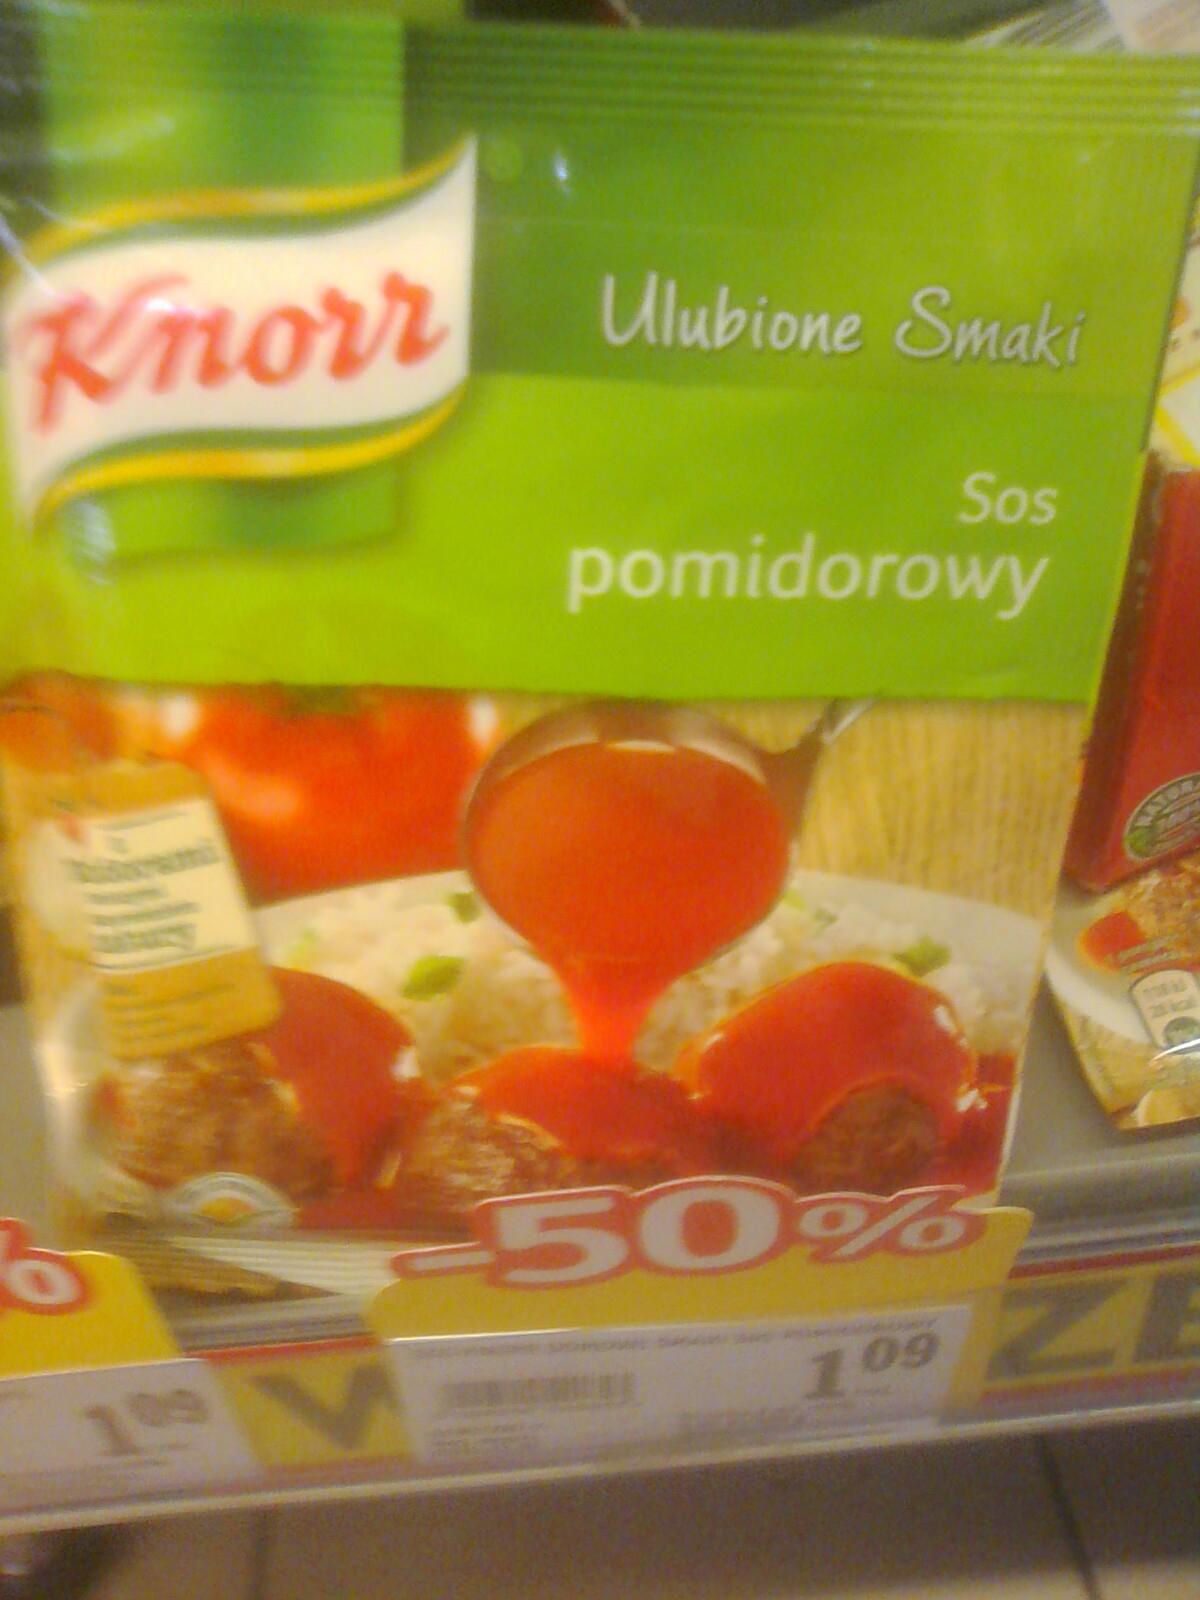 Knorr - sos pomidorowy, wyprzedaż  -50% Stokrotka